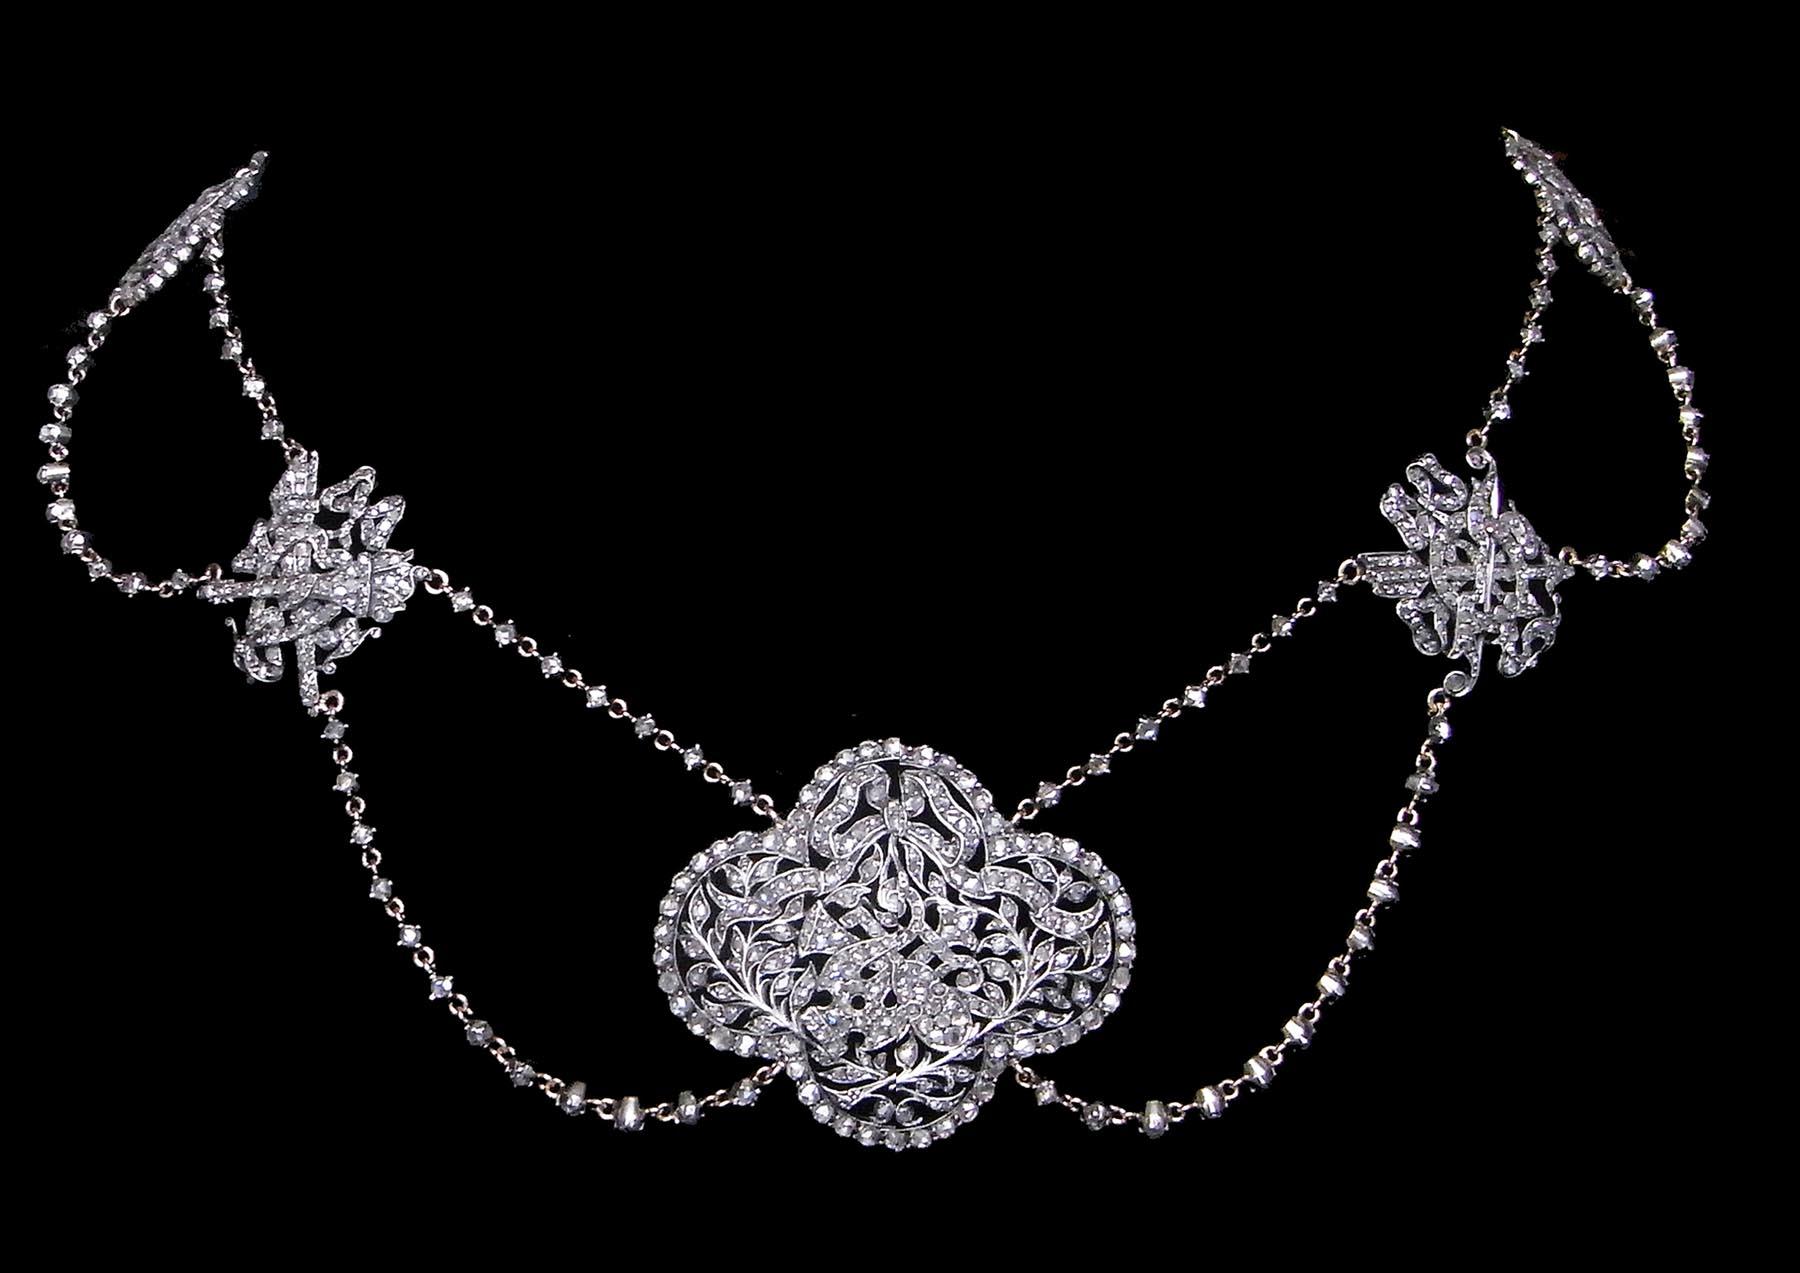 18世紀のダイヤモンドアンティークジュエリー